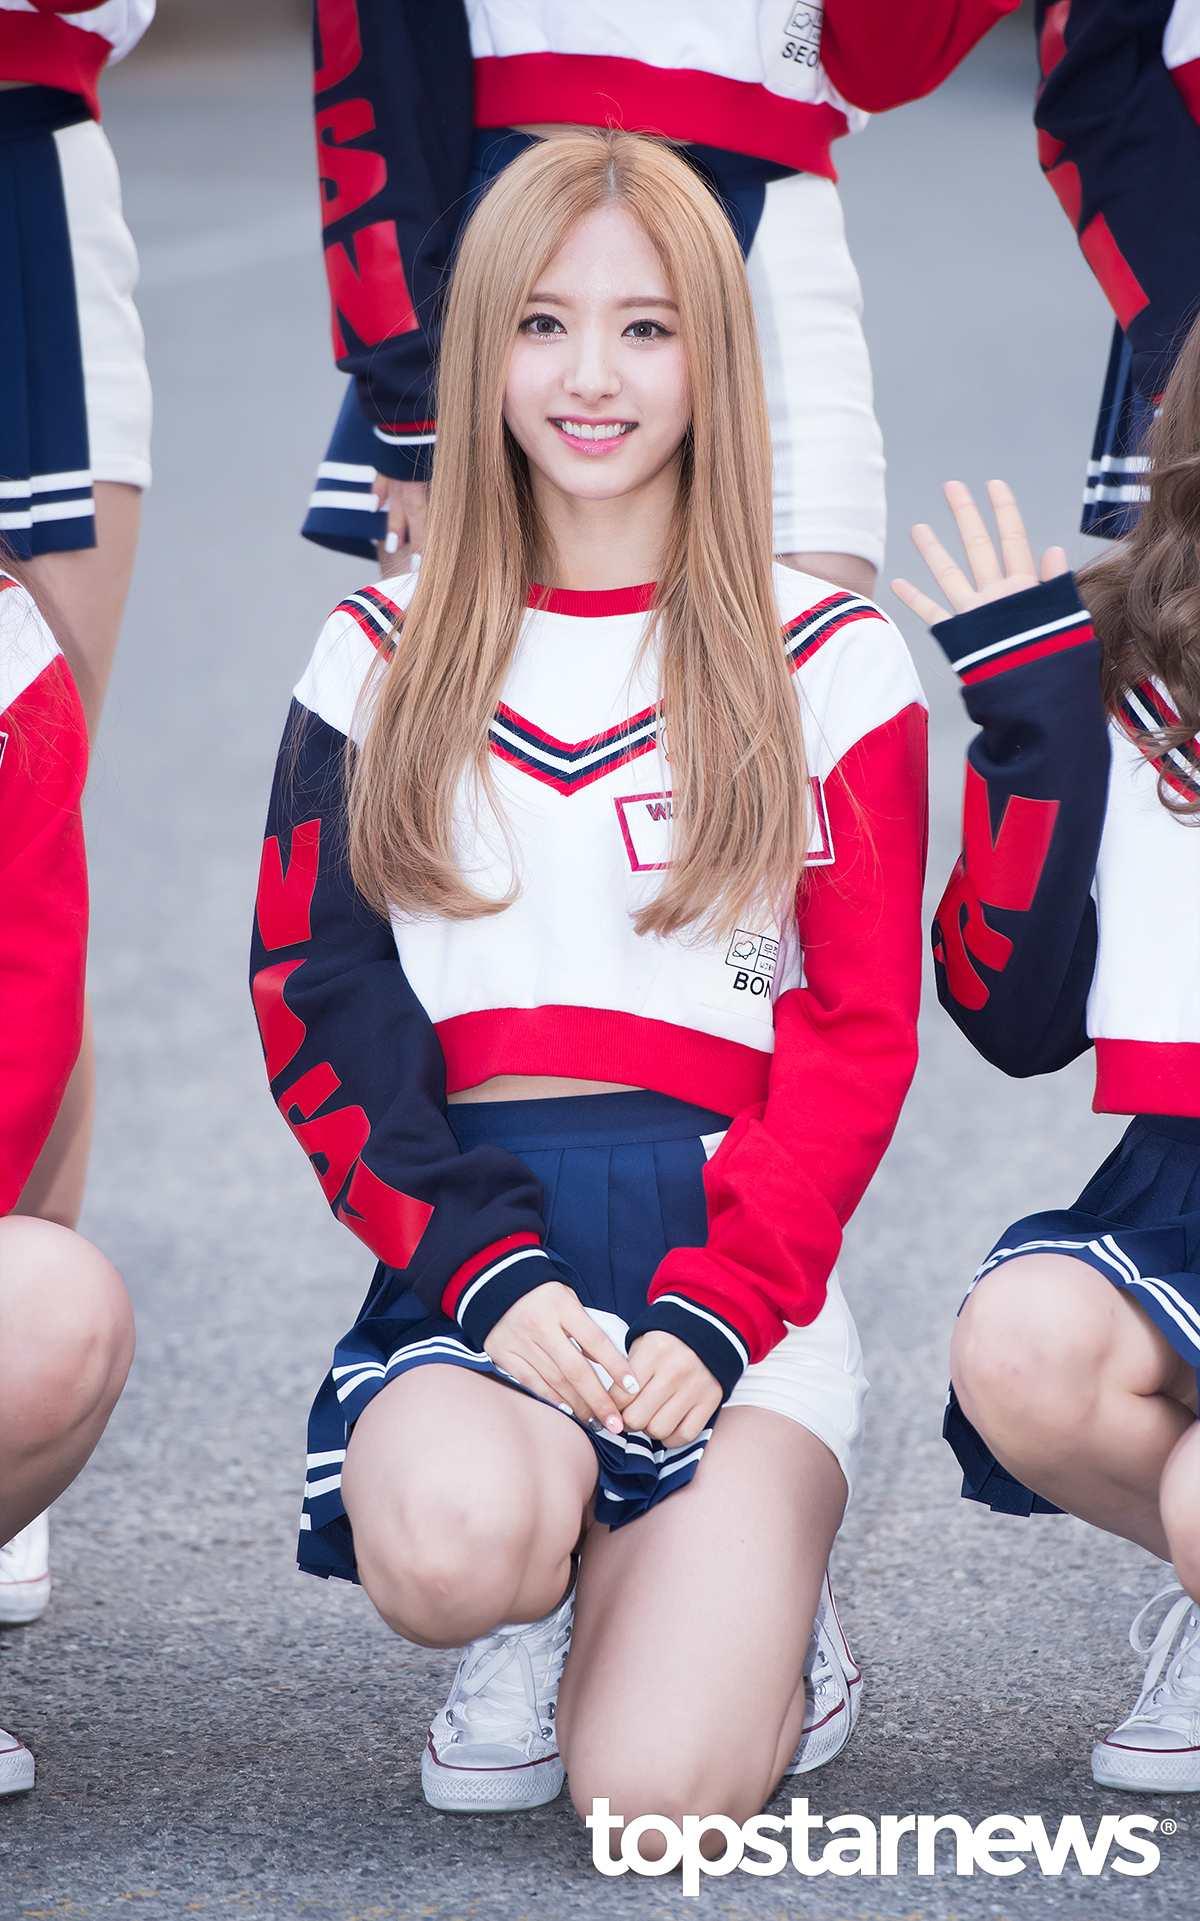 另外也常被提到有門面資格的,還有今年21歲的姐姐Line韓籍成員BoNa(苞娜)